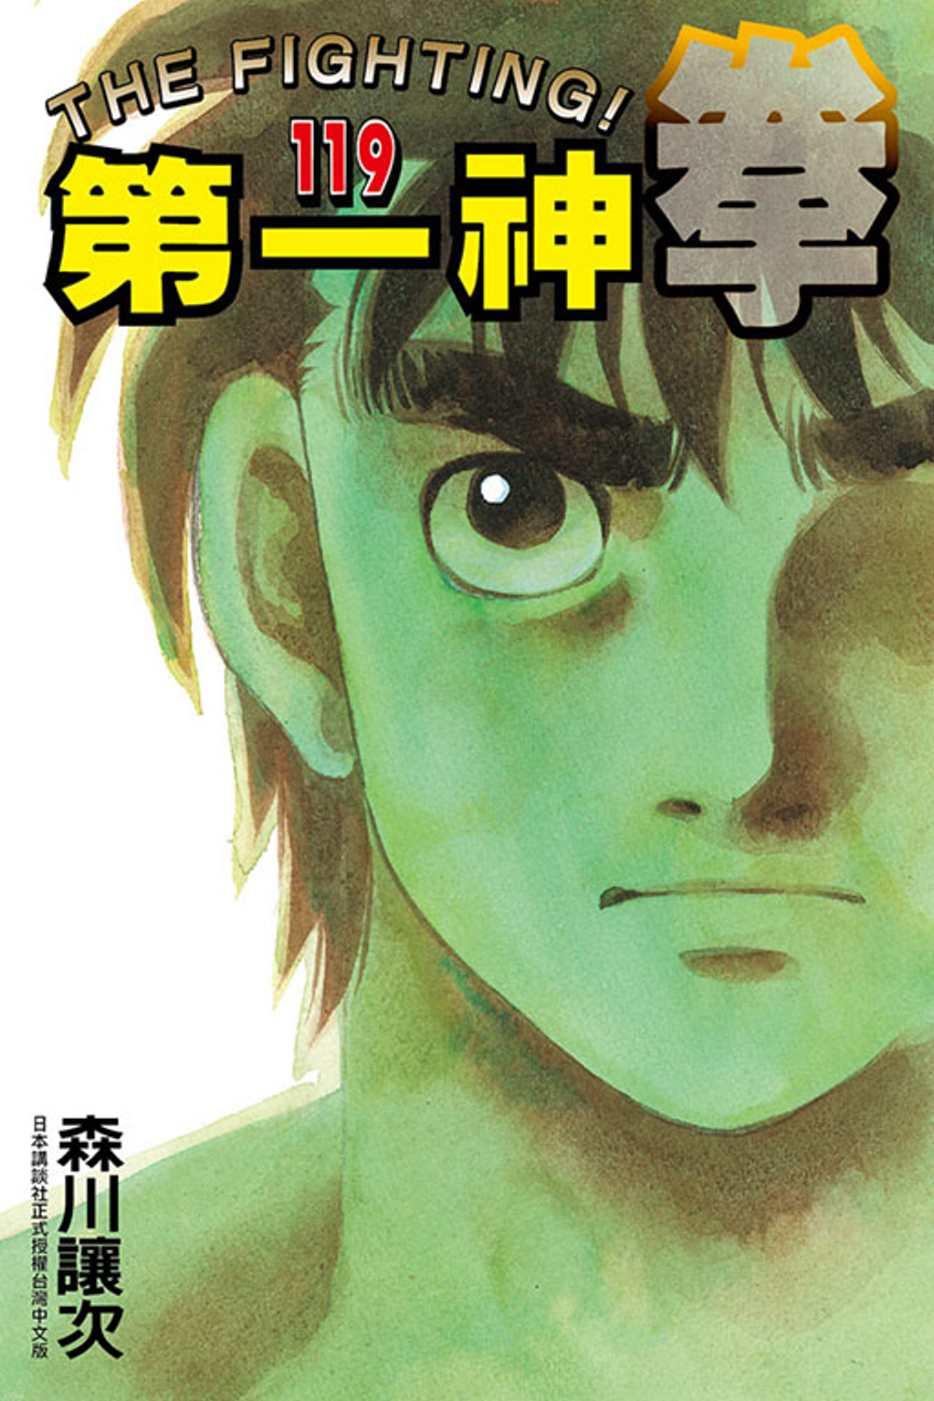 《第一神拳 119》 商品條碼,ISBN:9789579652759